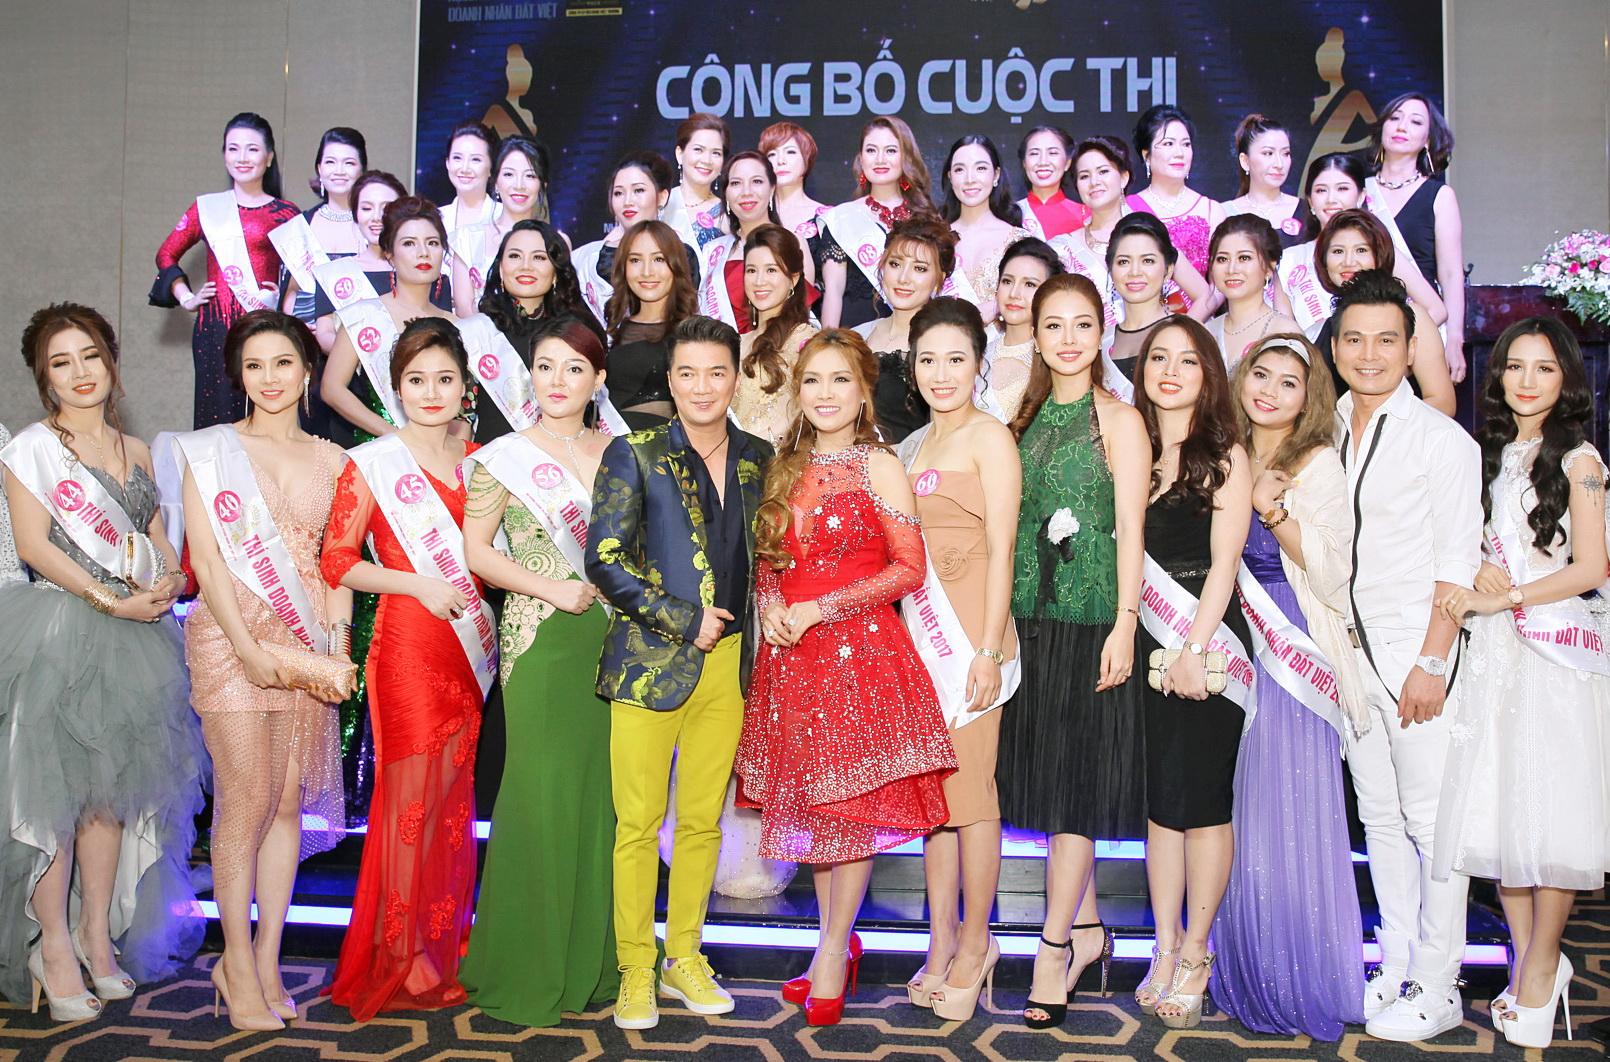 Jennifer Phạm, Đàm Vĩnh Hưng làm giám khảo Nữ hoàng doanh nhân đất Việt - Ảnh 1.